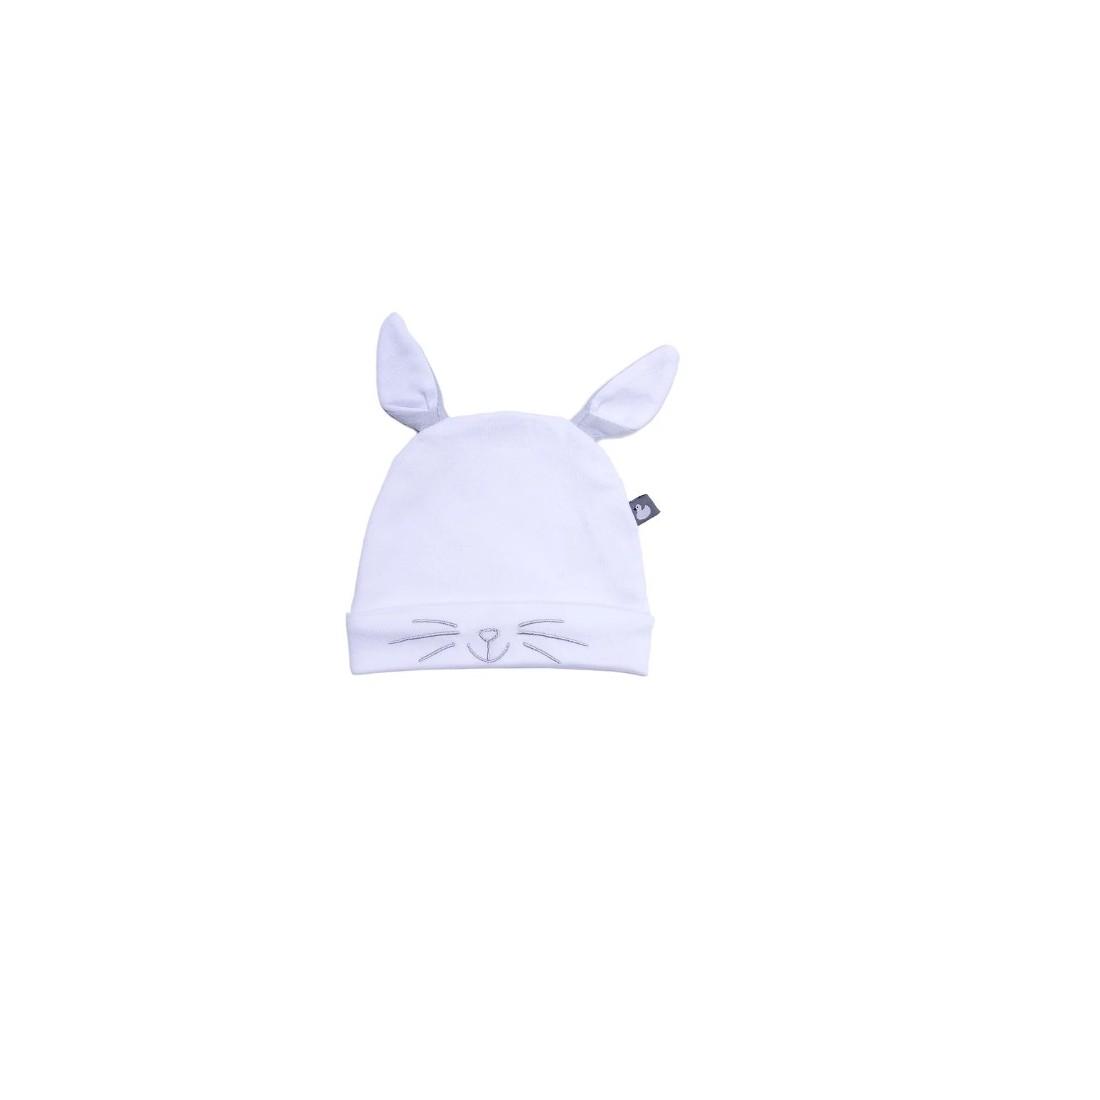 03d362db838e ... Bonnet bébé original chat, lapin ou panda ...